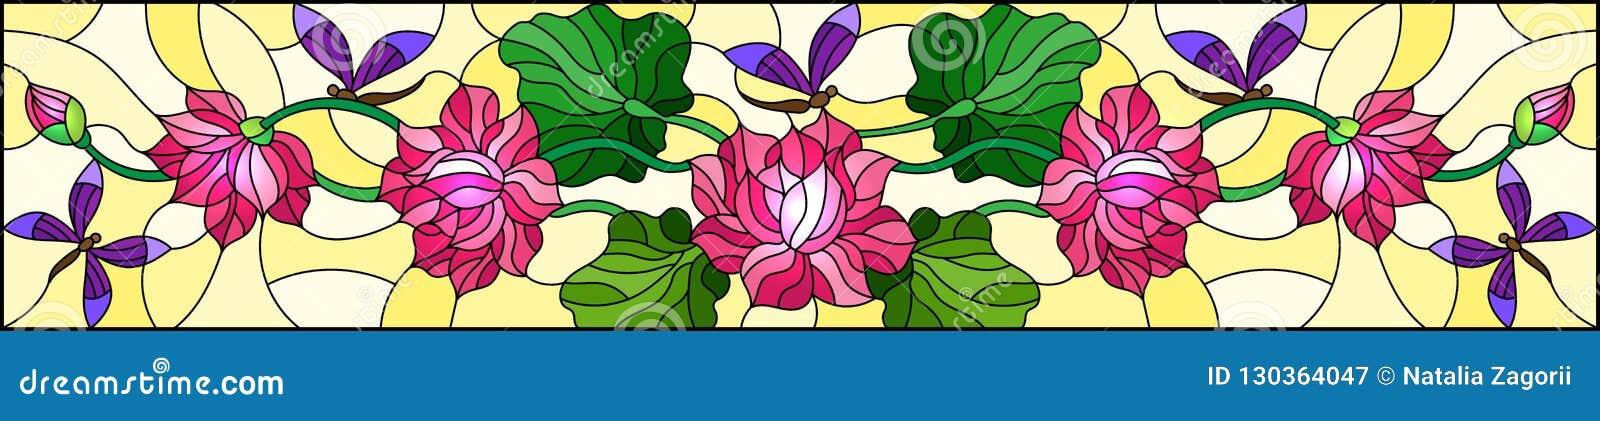 Illustration en verre souillée avec des feuilles et des fleurs de Lotus, des fleurs roses et des libellules pourpres sur le fond